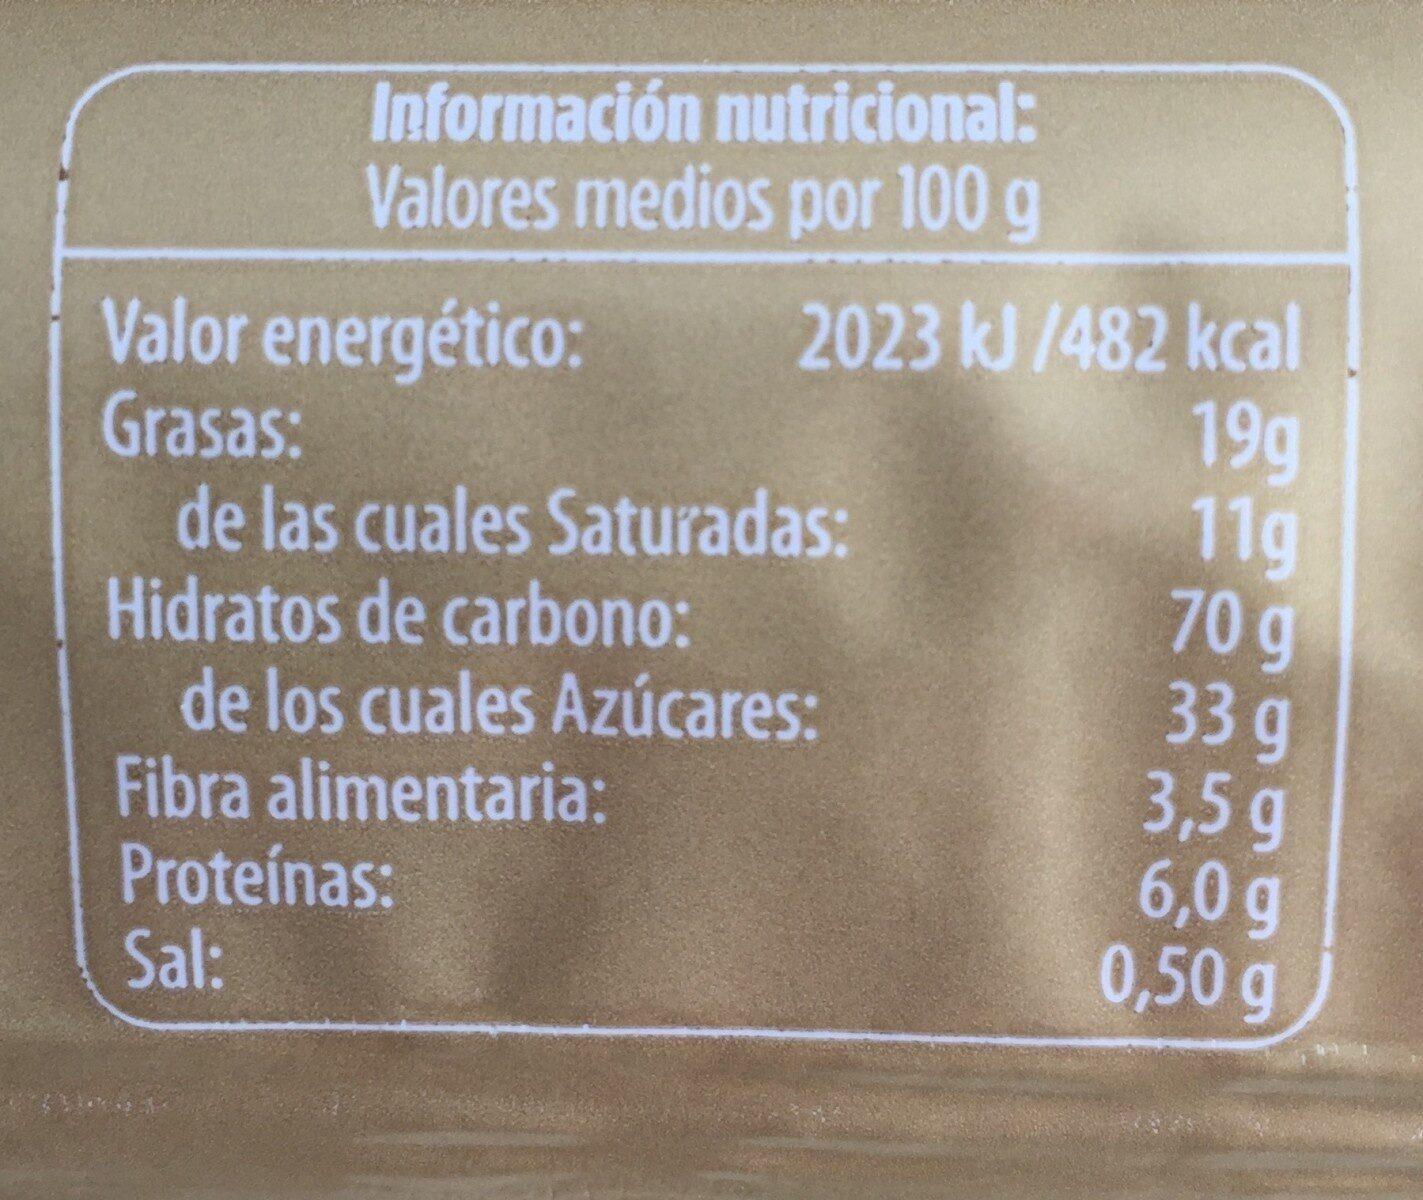 Galletas rellenas de chocolate - Informació nutricional - es